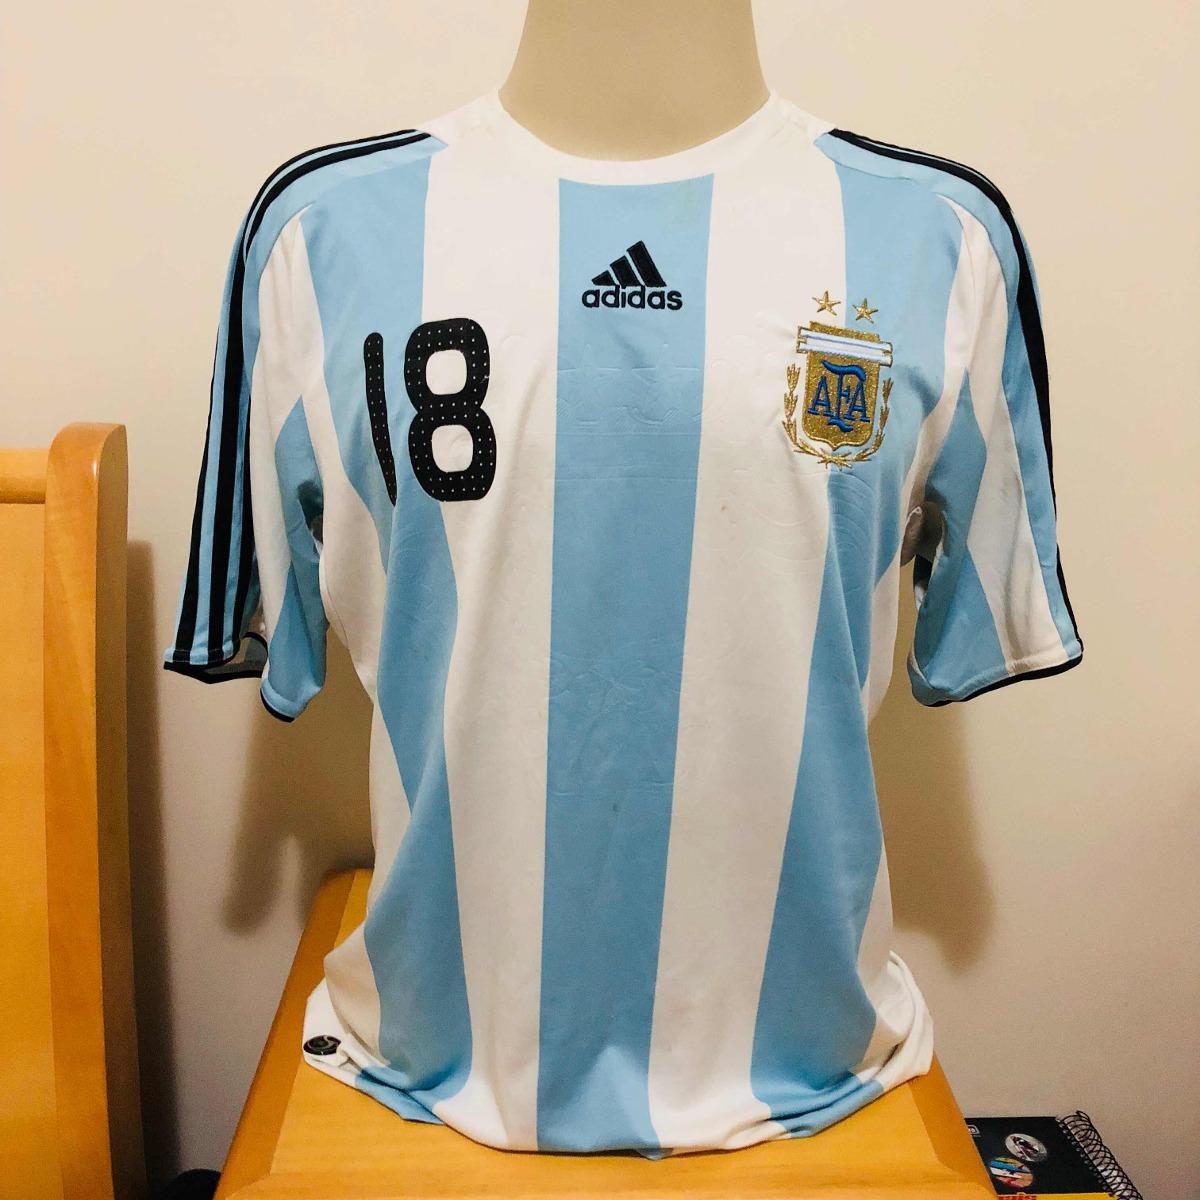 Camisa Argentina 2008 Gg Original adidas  18 Messi Home - R  86 67a90d8dd8547